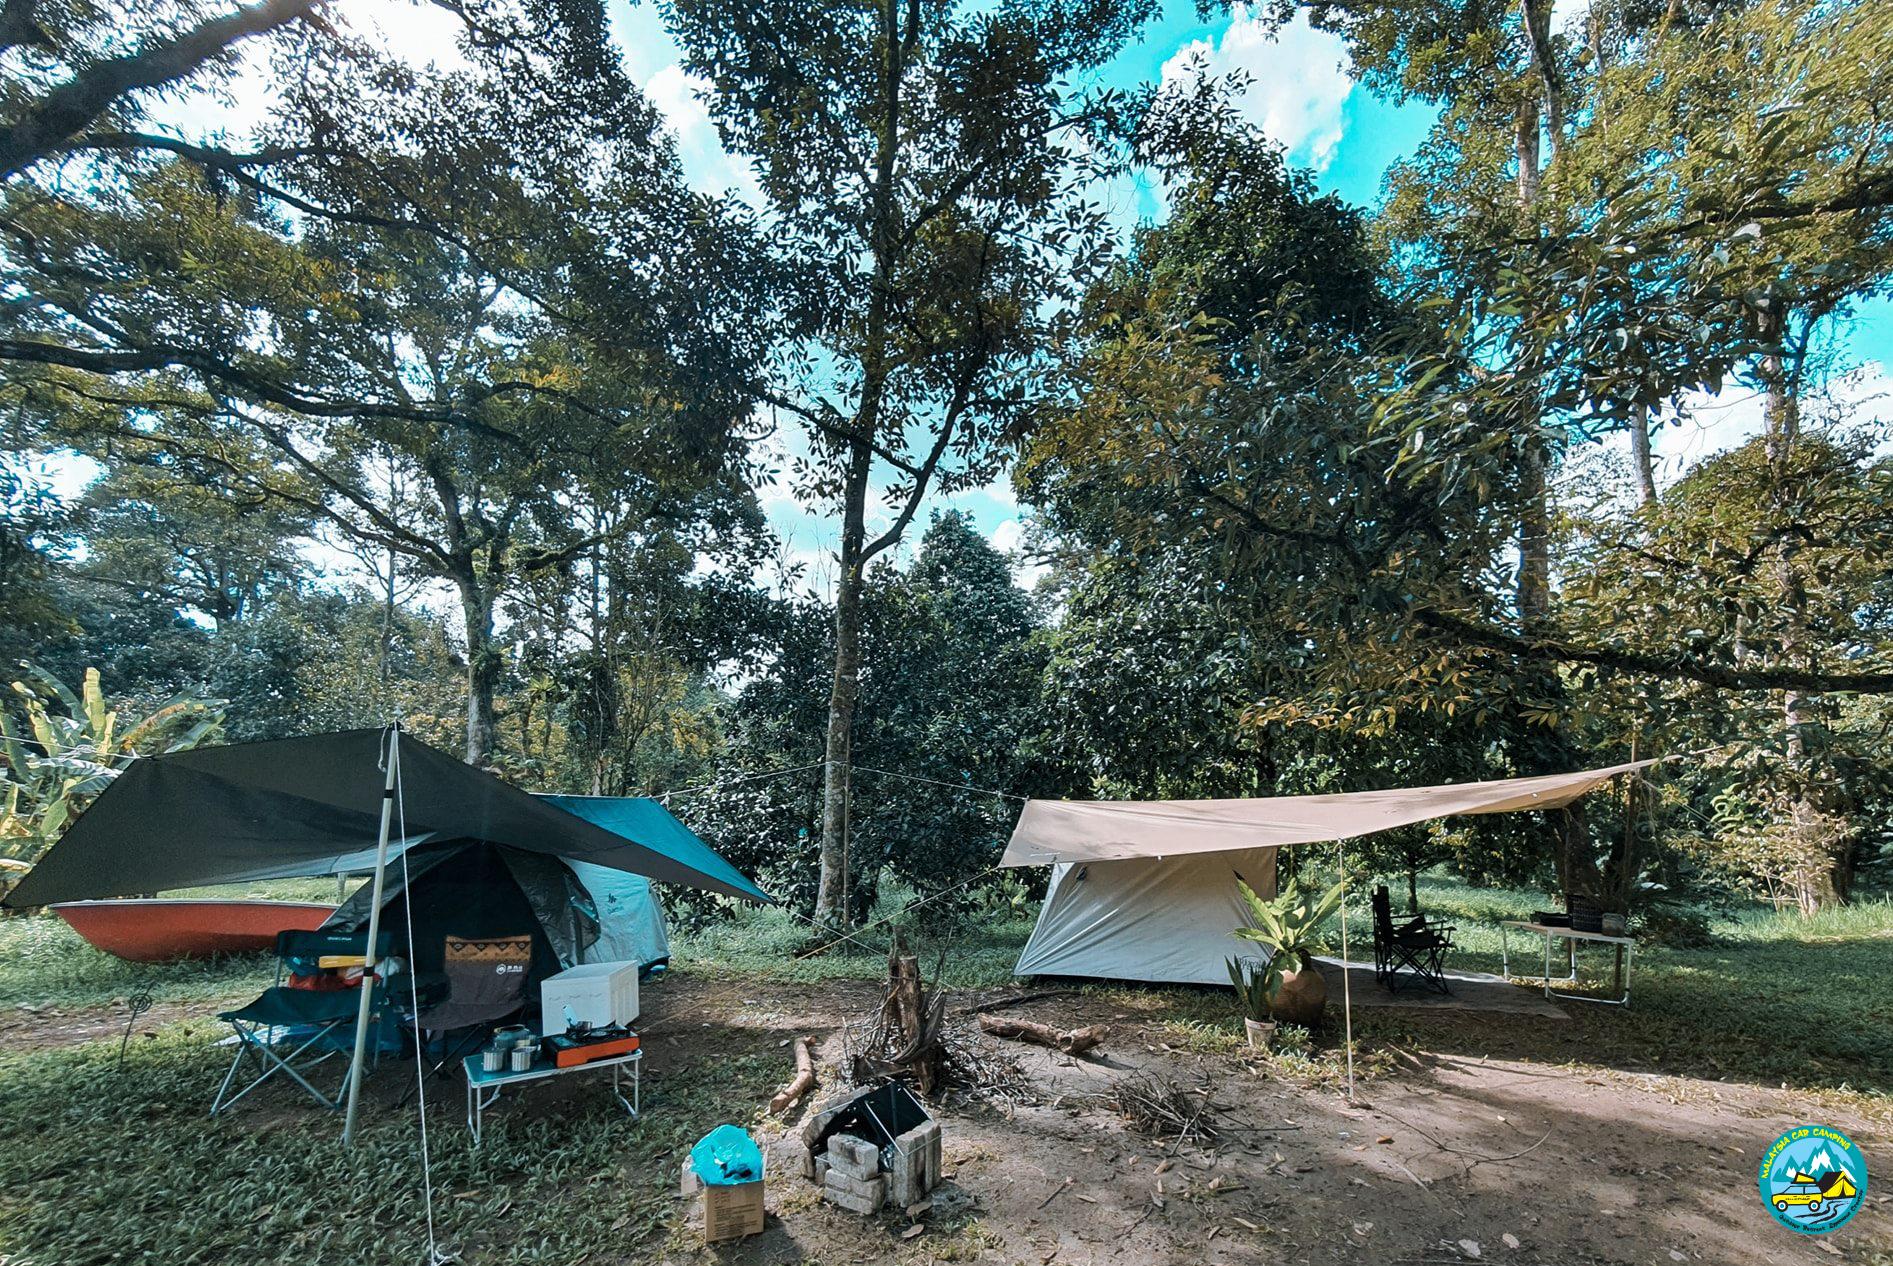 xmas camping at Hammock By The River